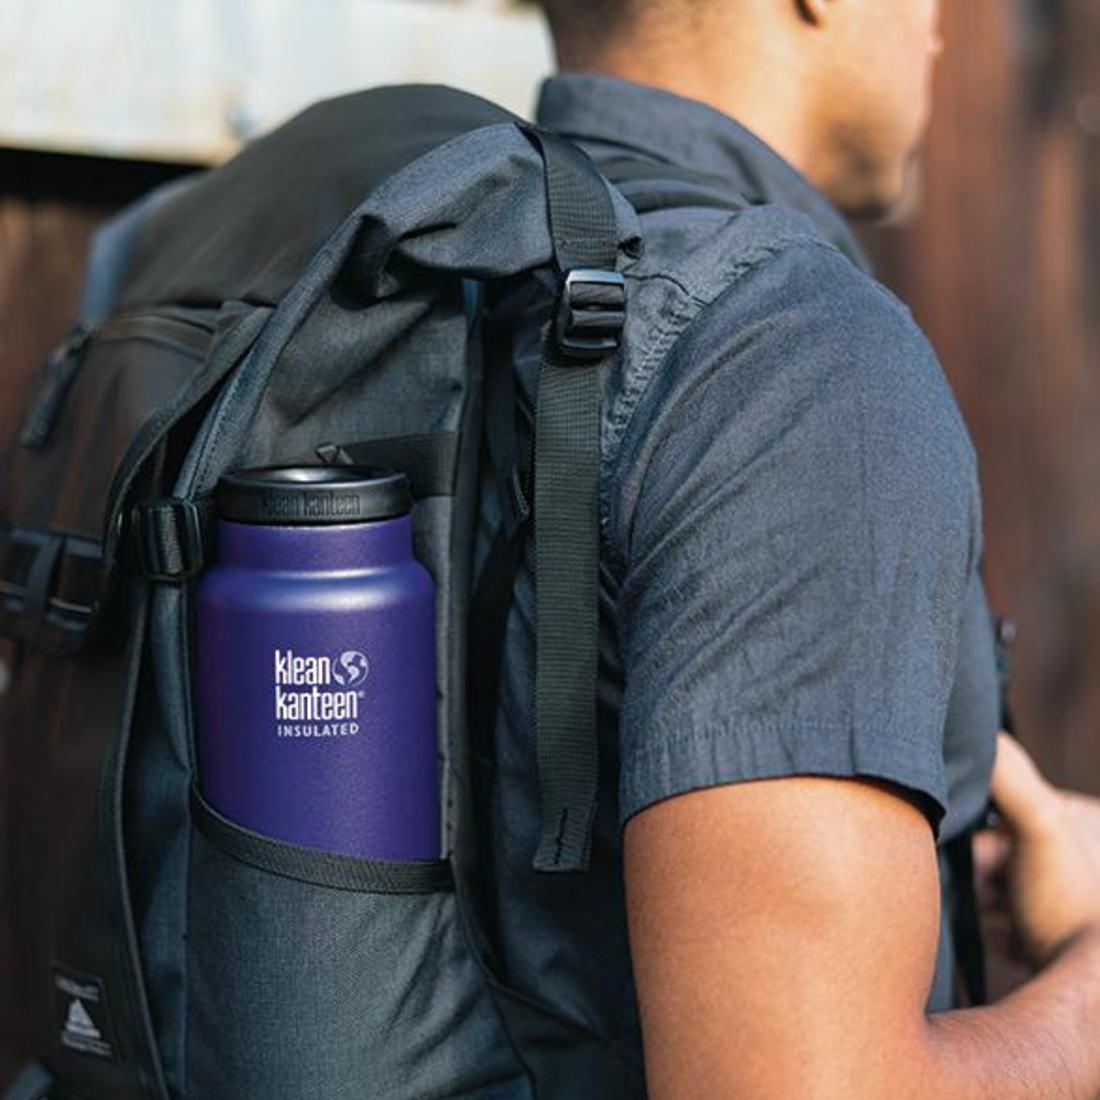 クリーンカンティーン TKワイド 32 ループ 保冷保温ボトル水筒 マグボトル  国内正規品